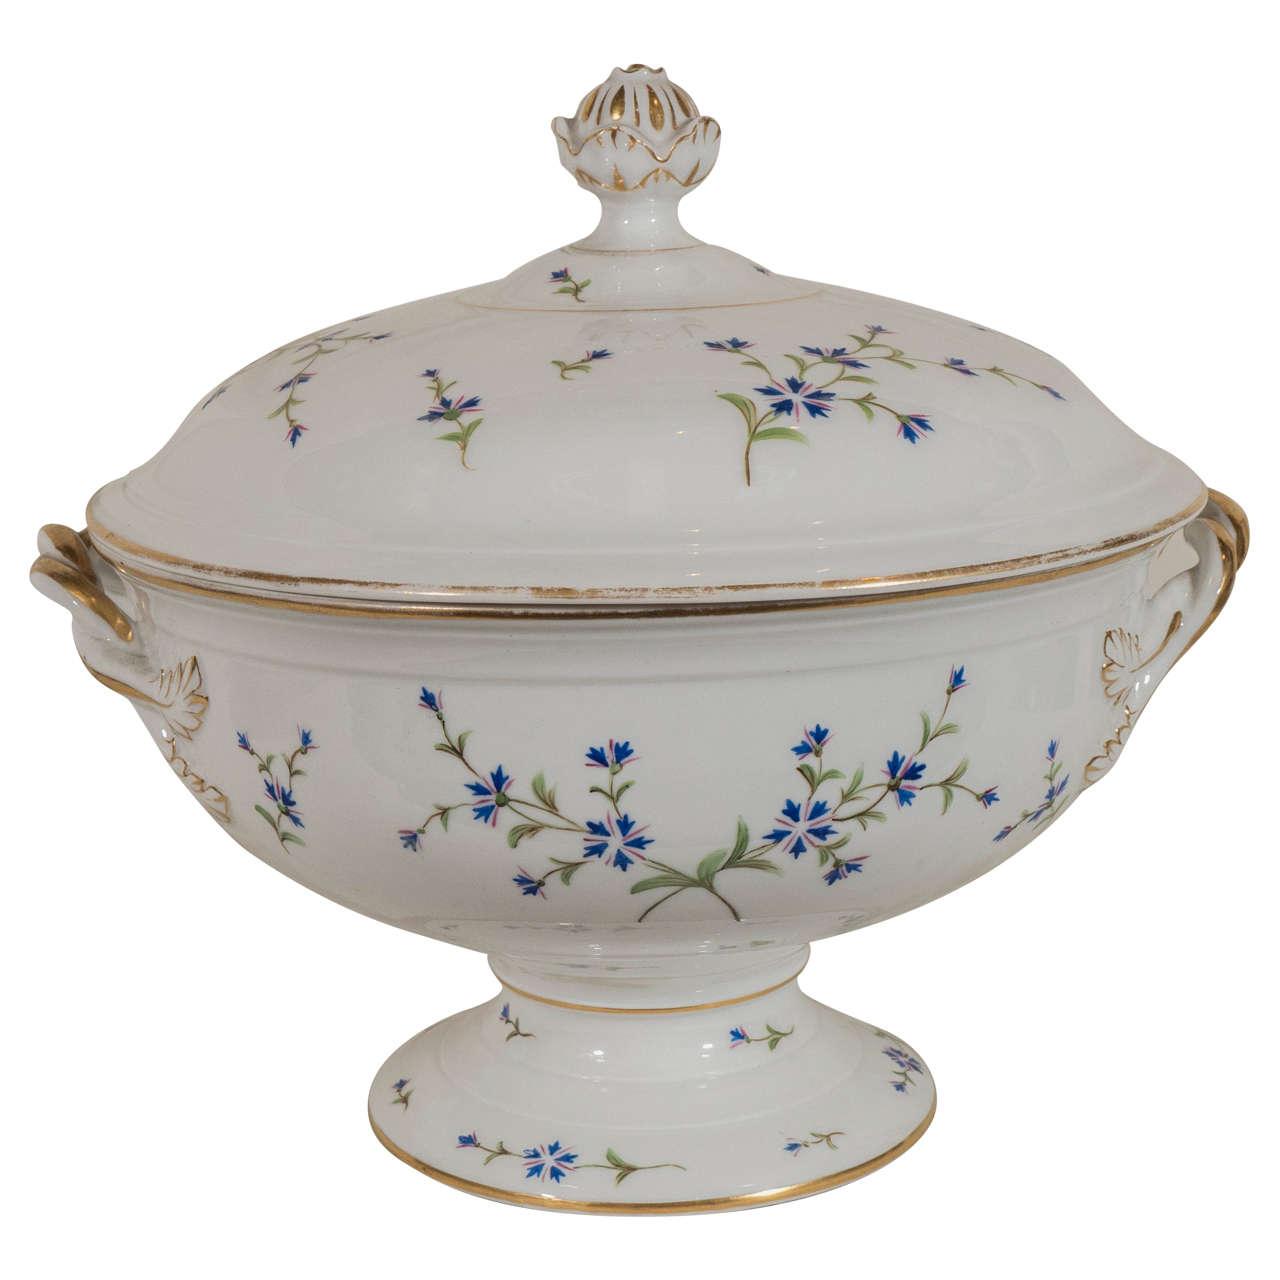 Antique Royal Copenhagen Porcelain Soup Tureen